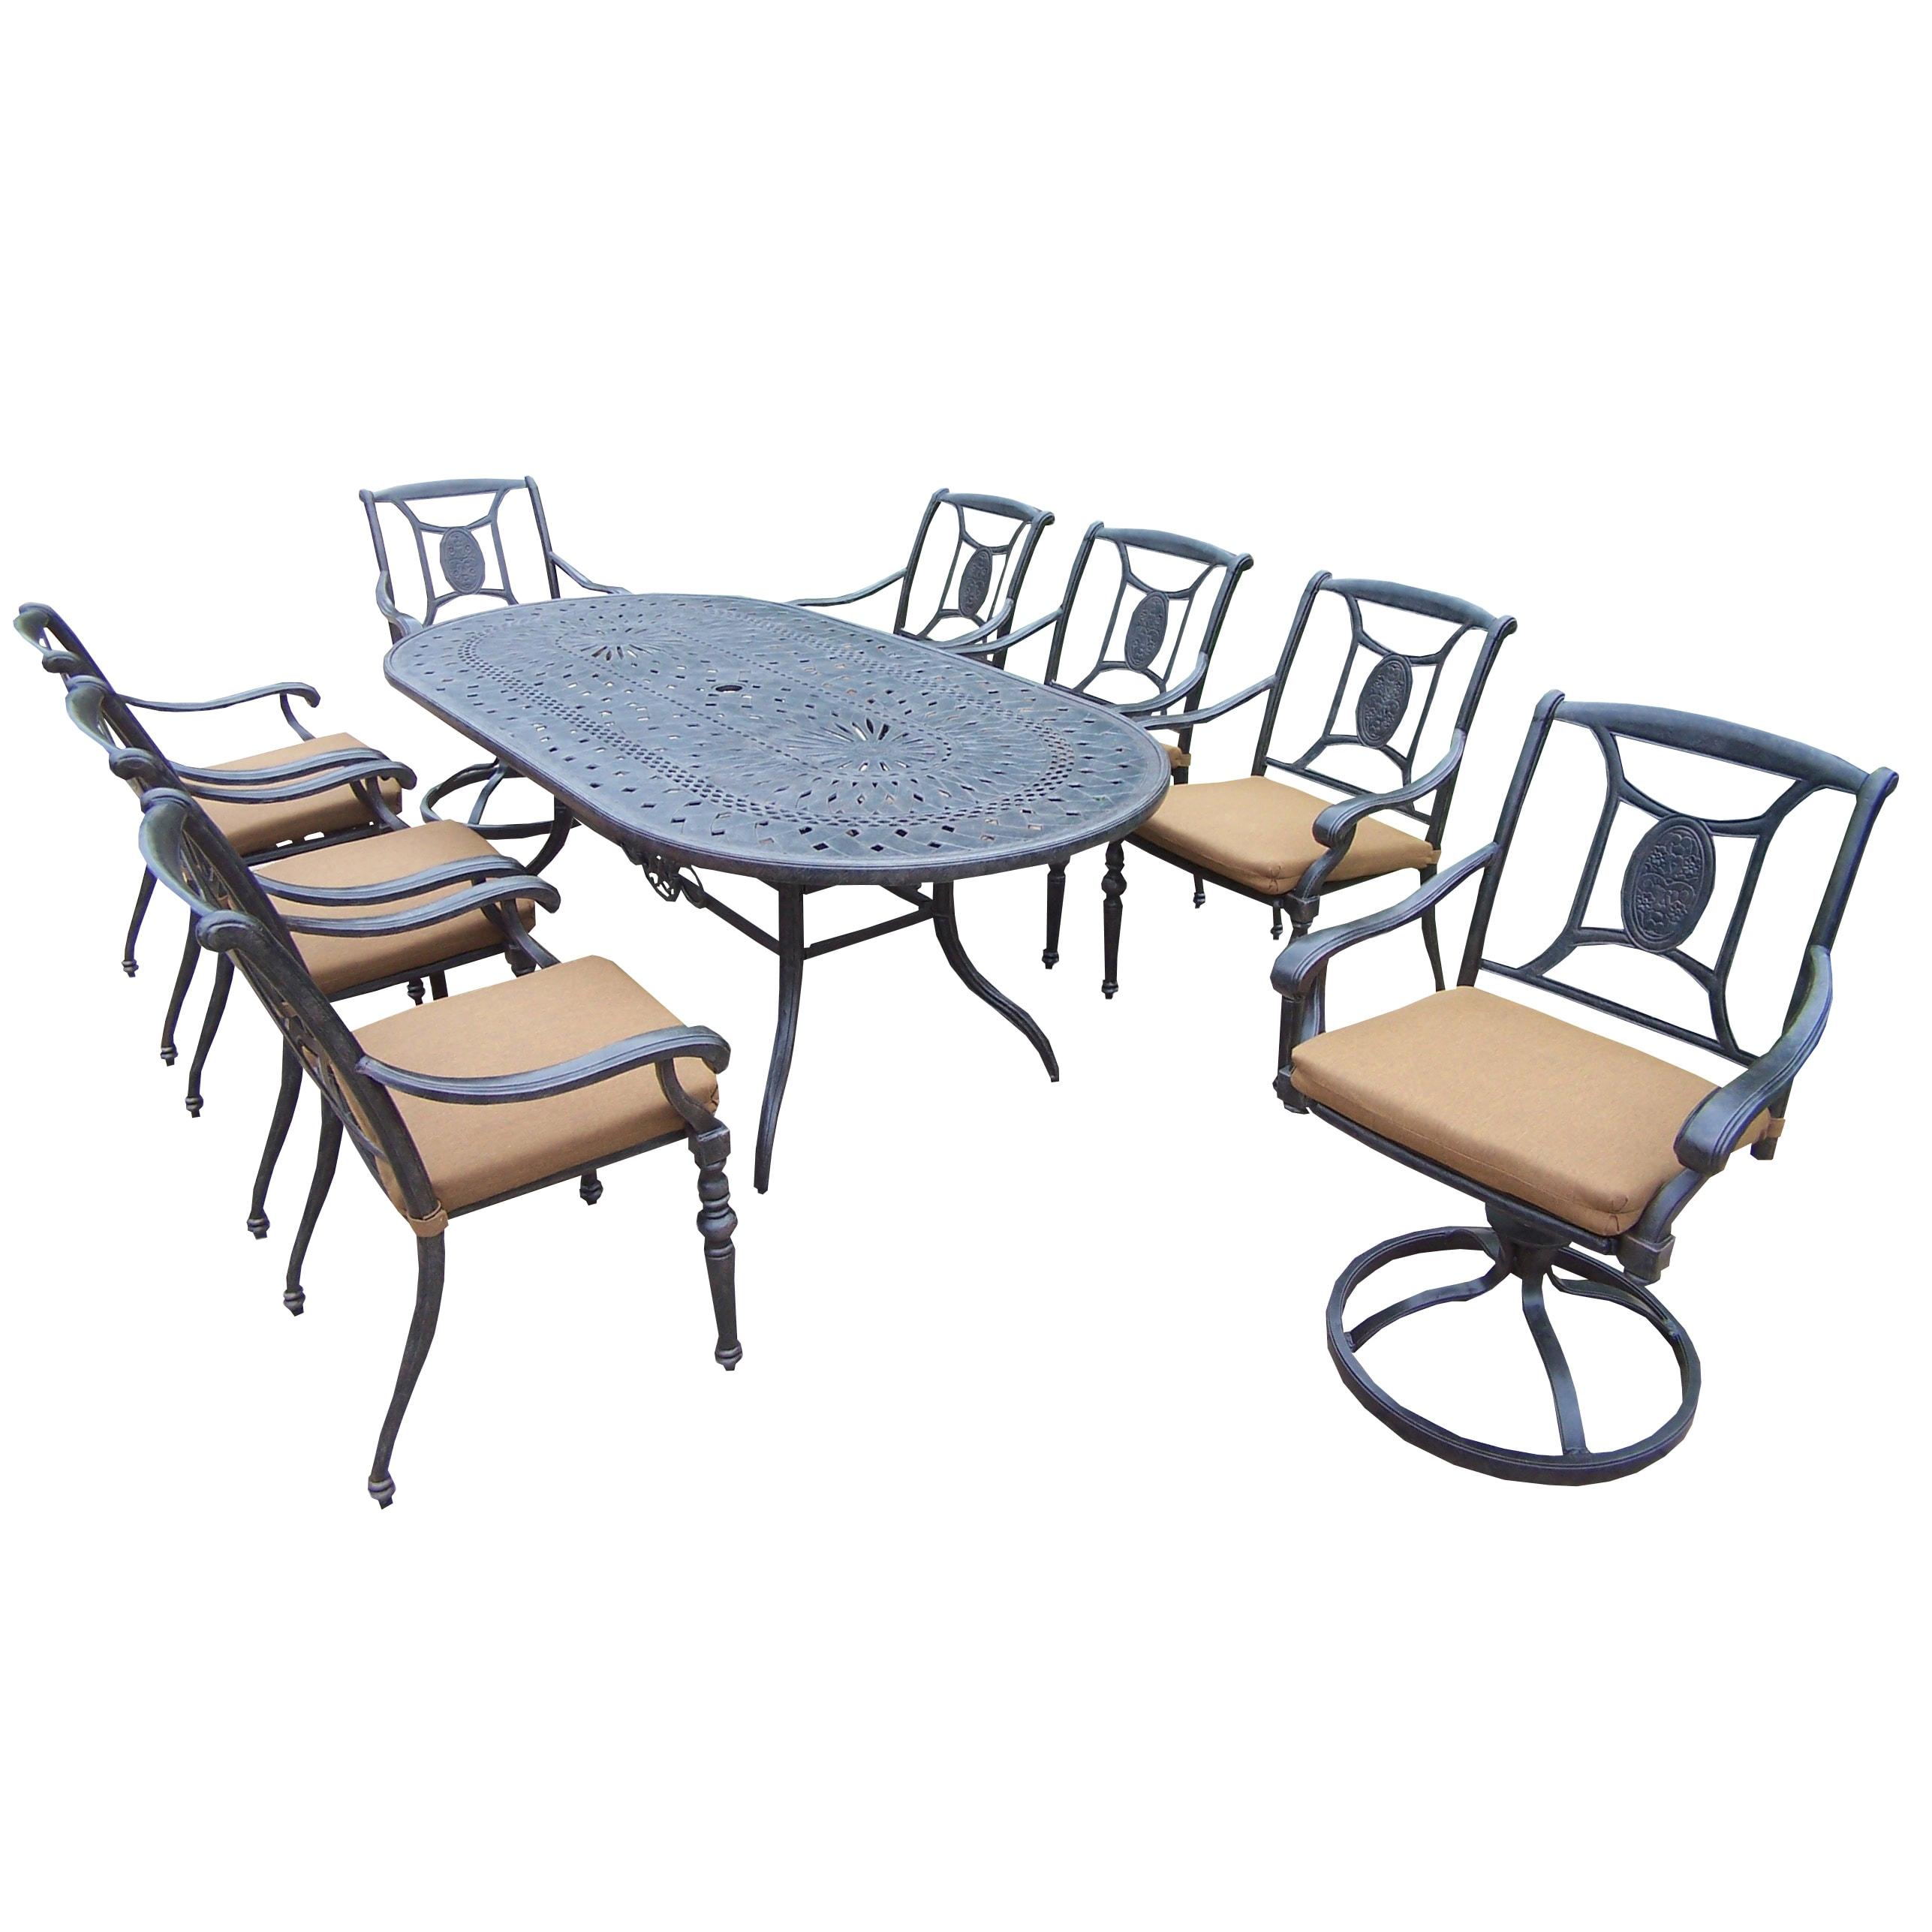 Oakland Corporation Sunbrella Aluminum 11-piece Dining Se...